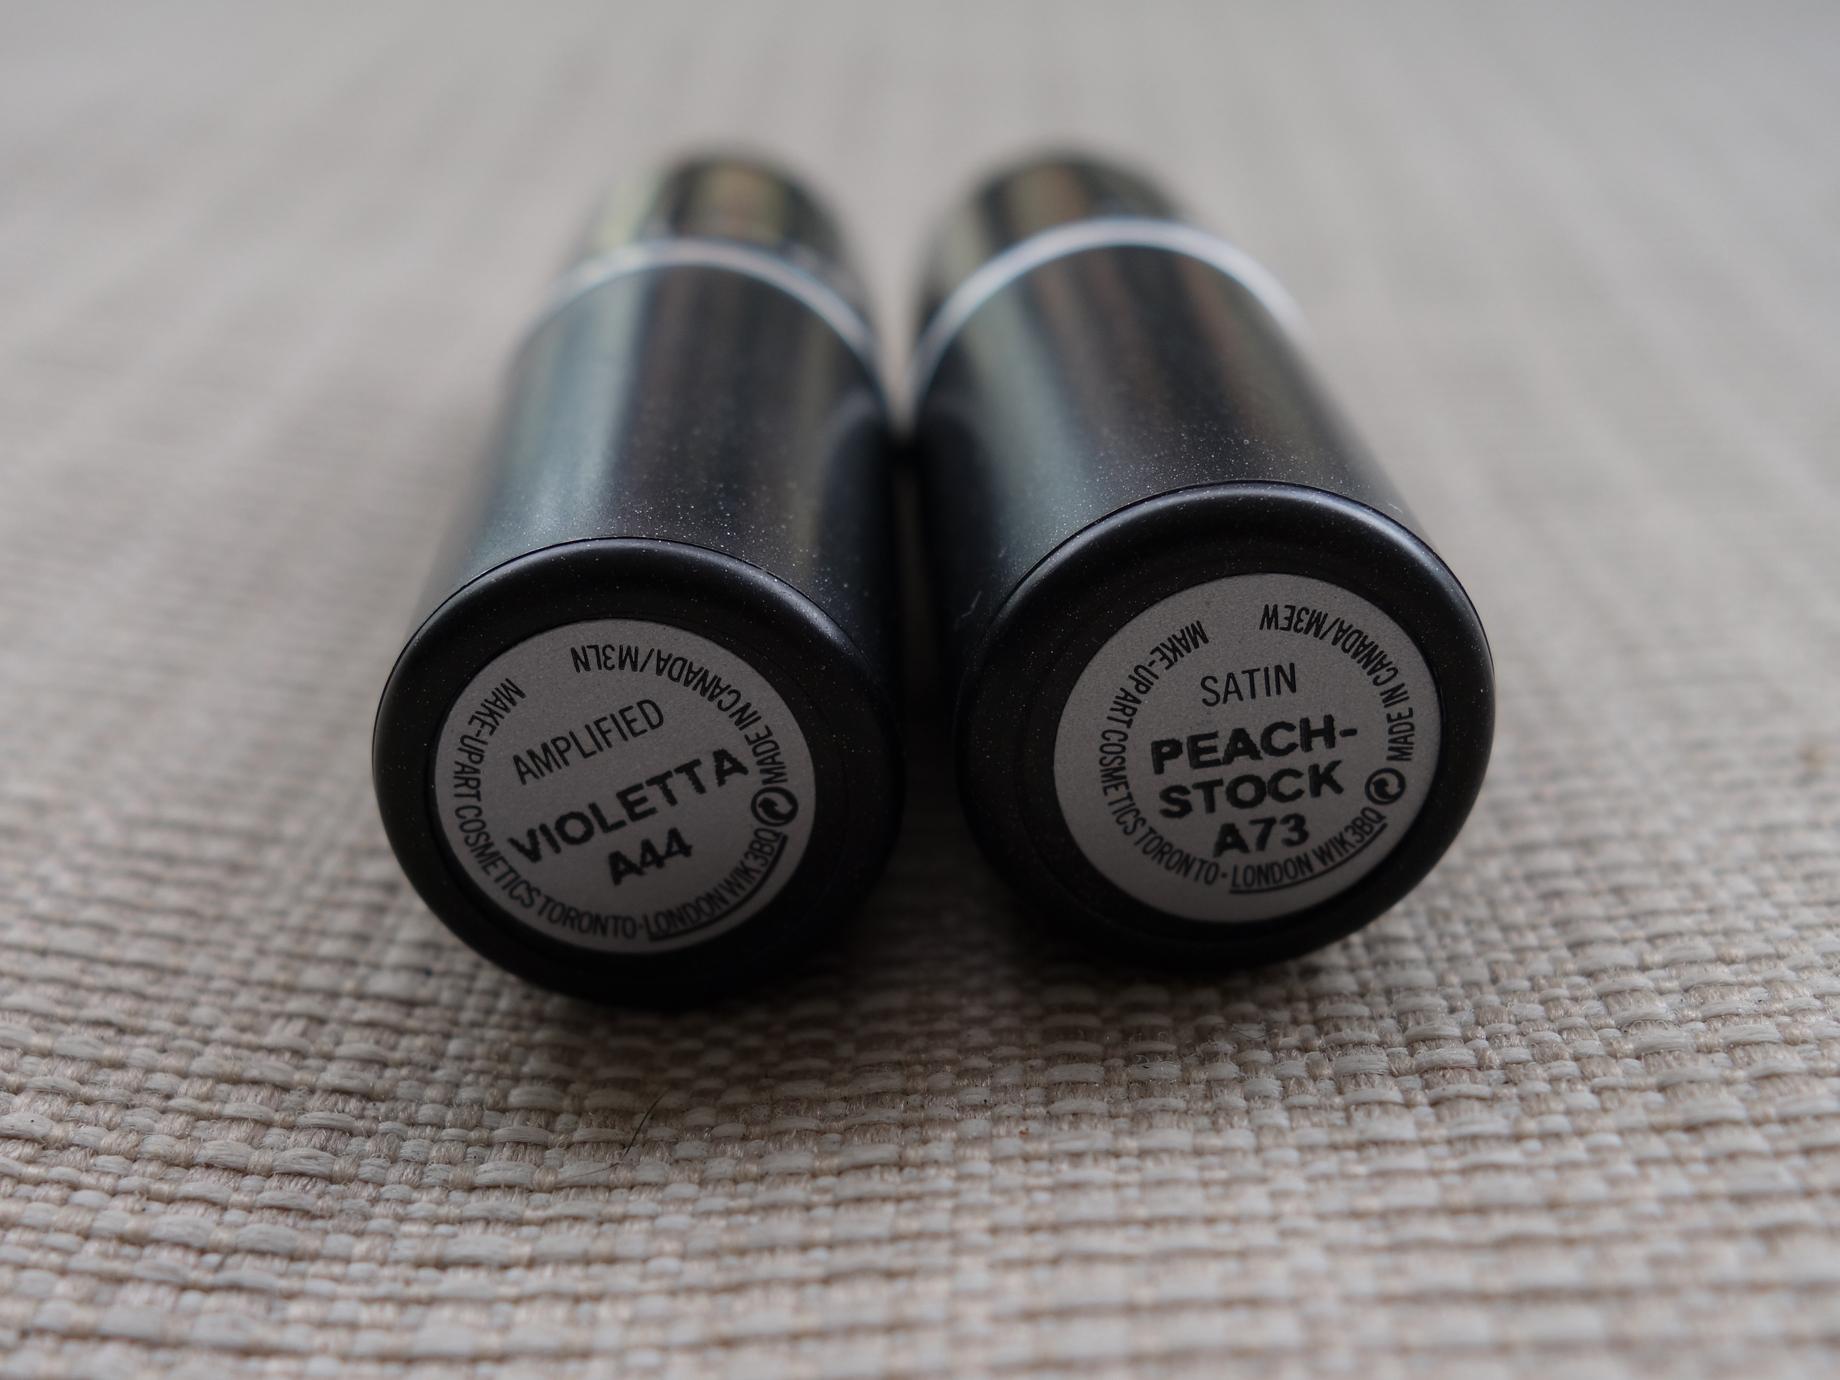 Batons Violetta e Peach-stock - Rótulos